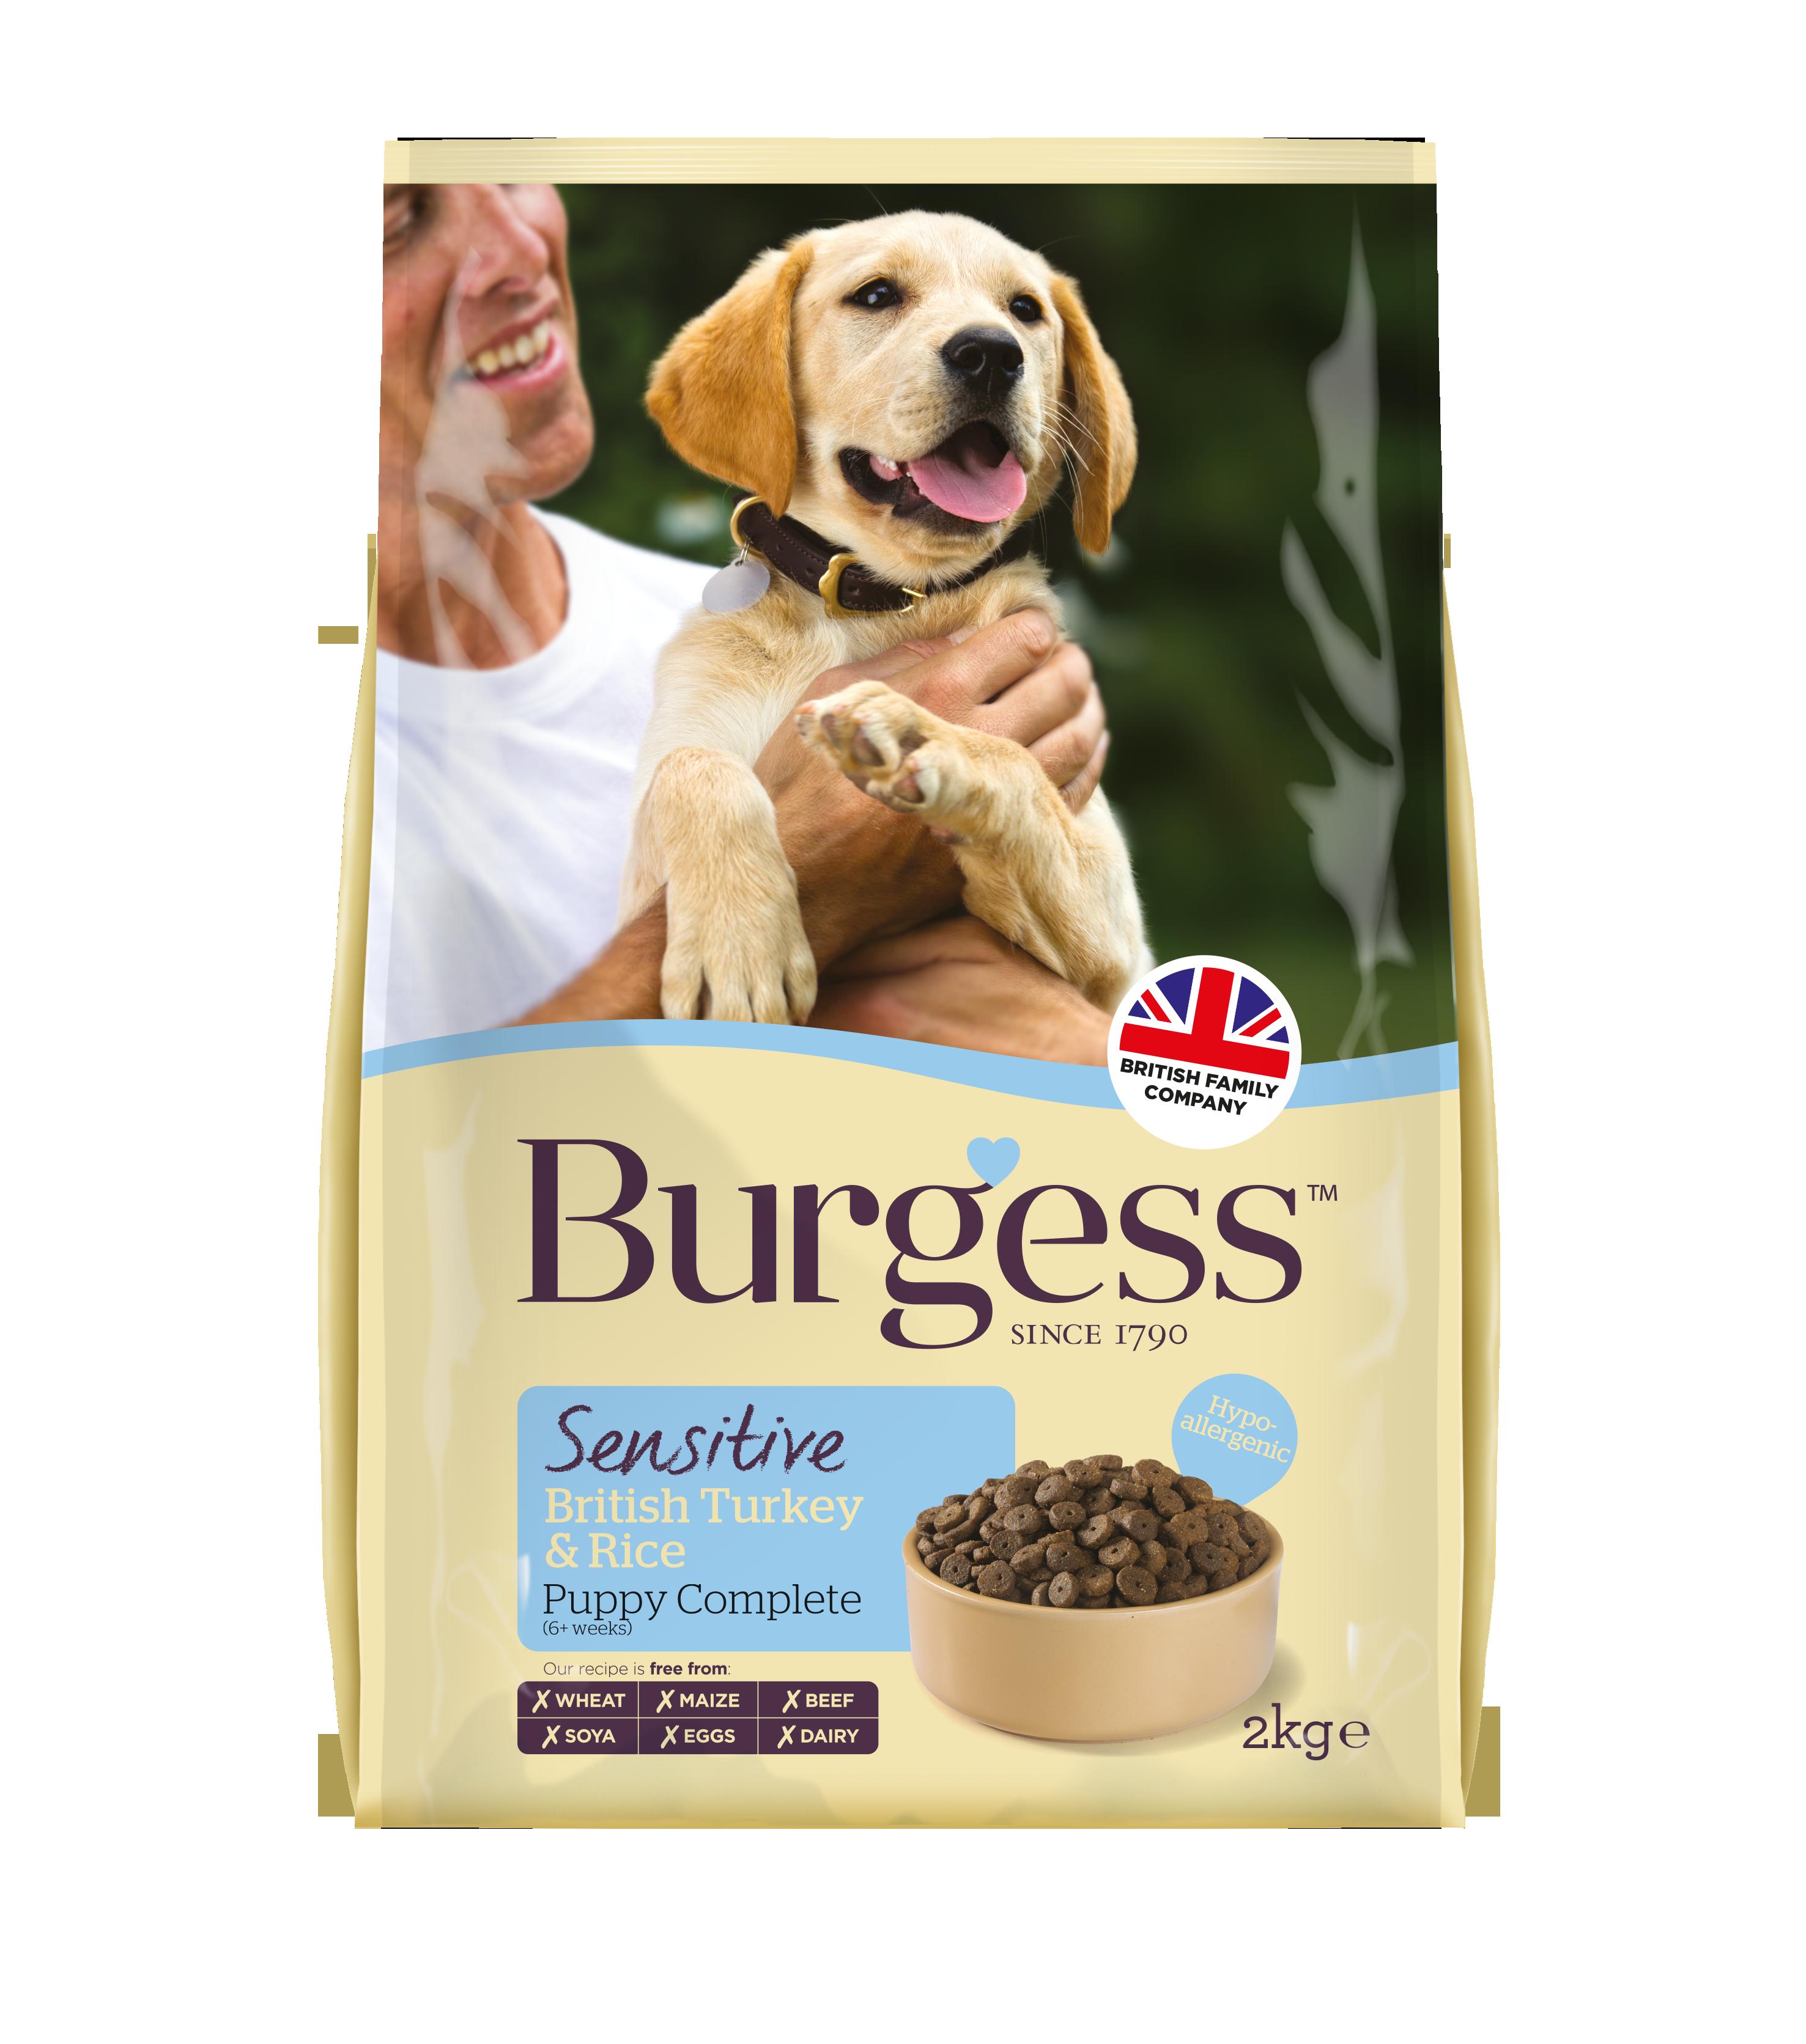 Burgess Sensitive Dog Turkey & Rice (With images) Dog